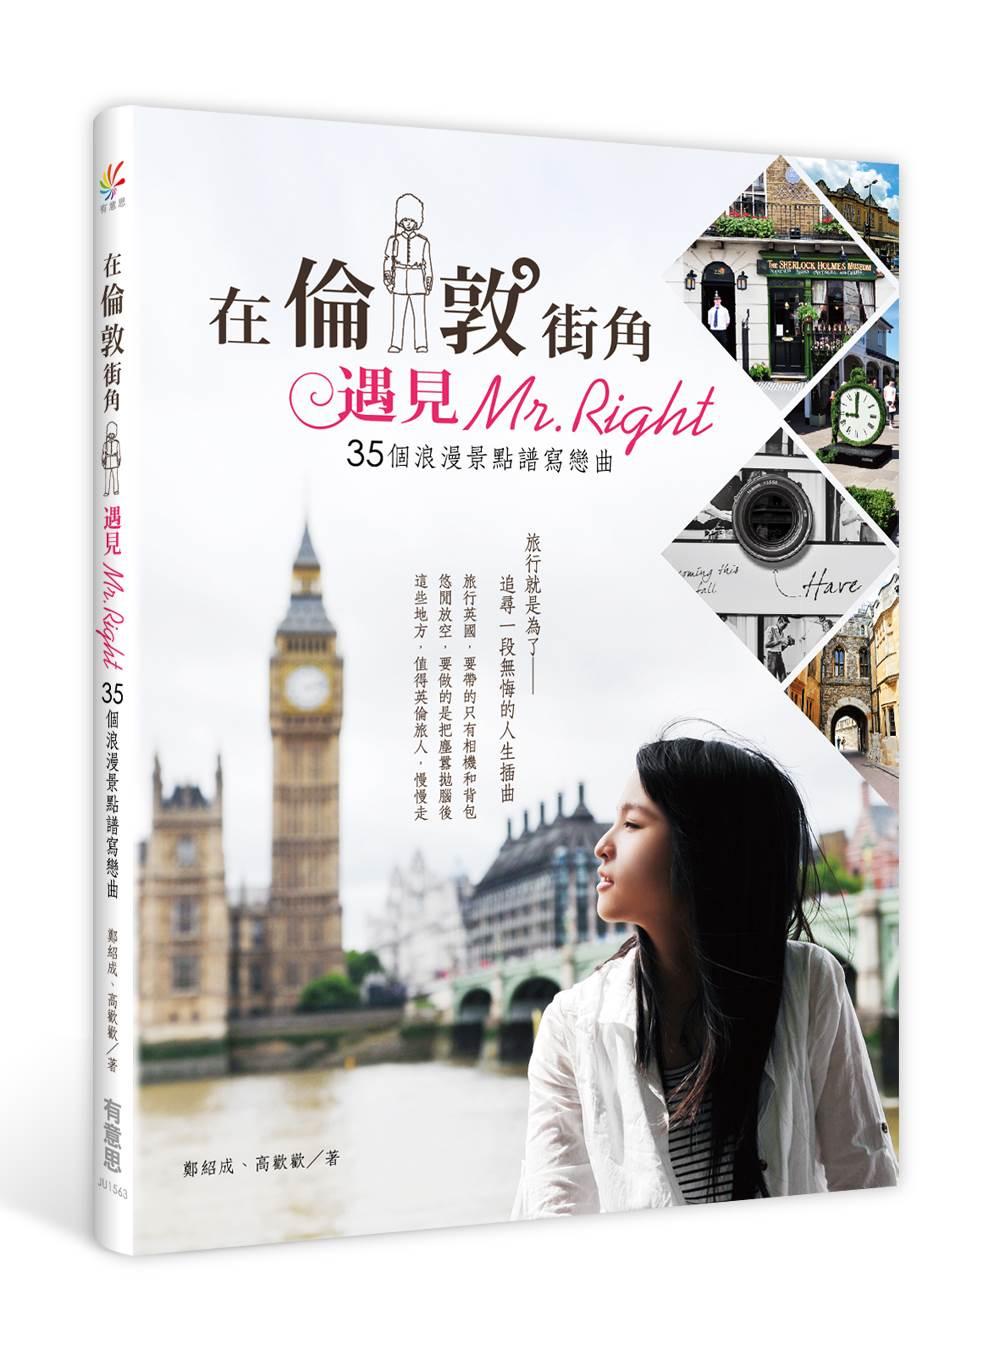 在倫敦街角遇見Mr. Right:35個浪漫景點譜寫戀曲